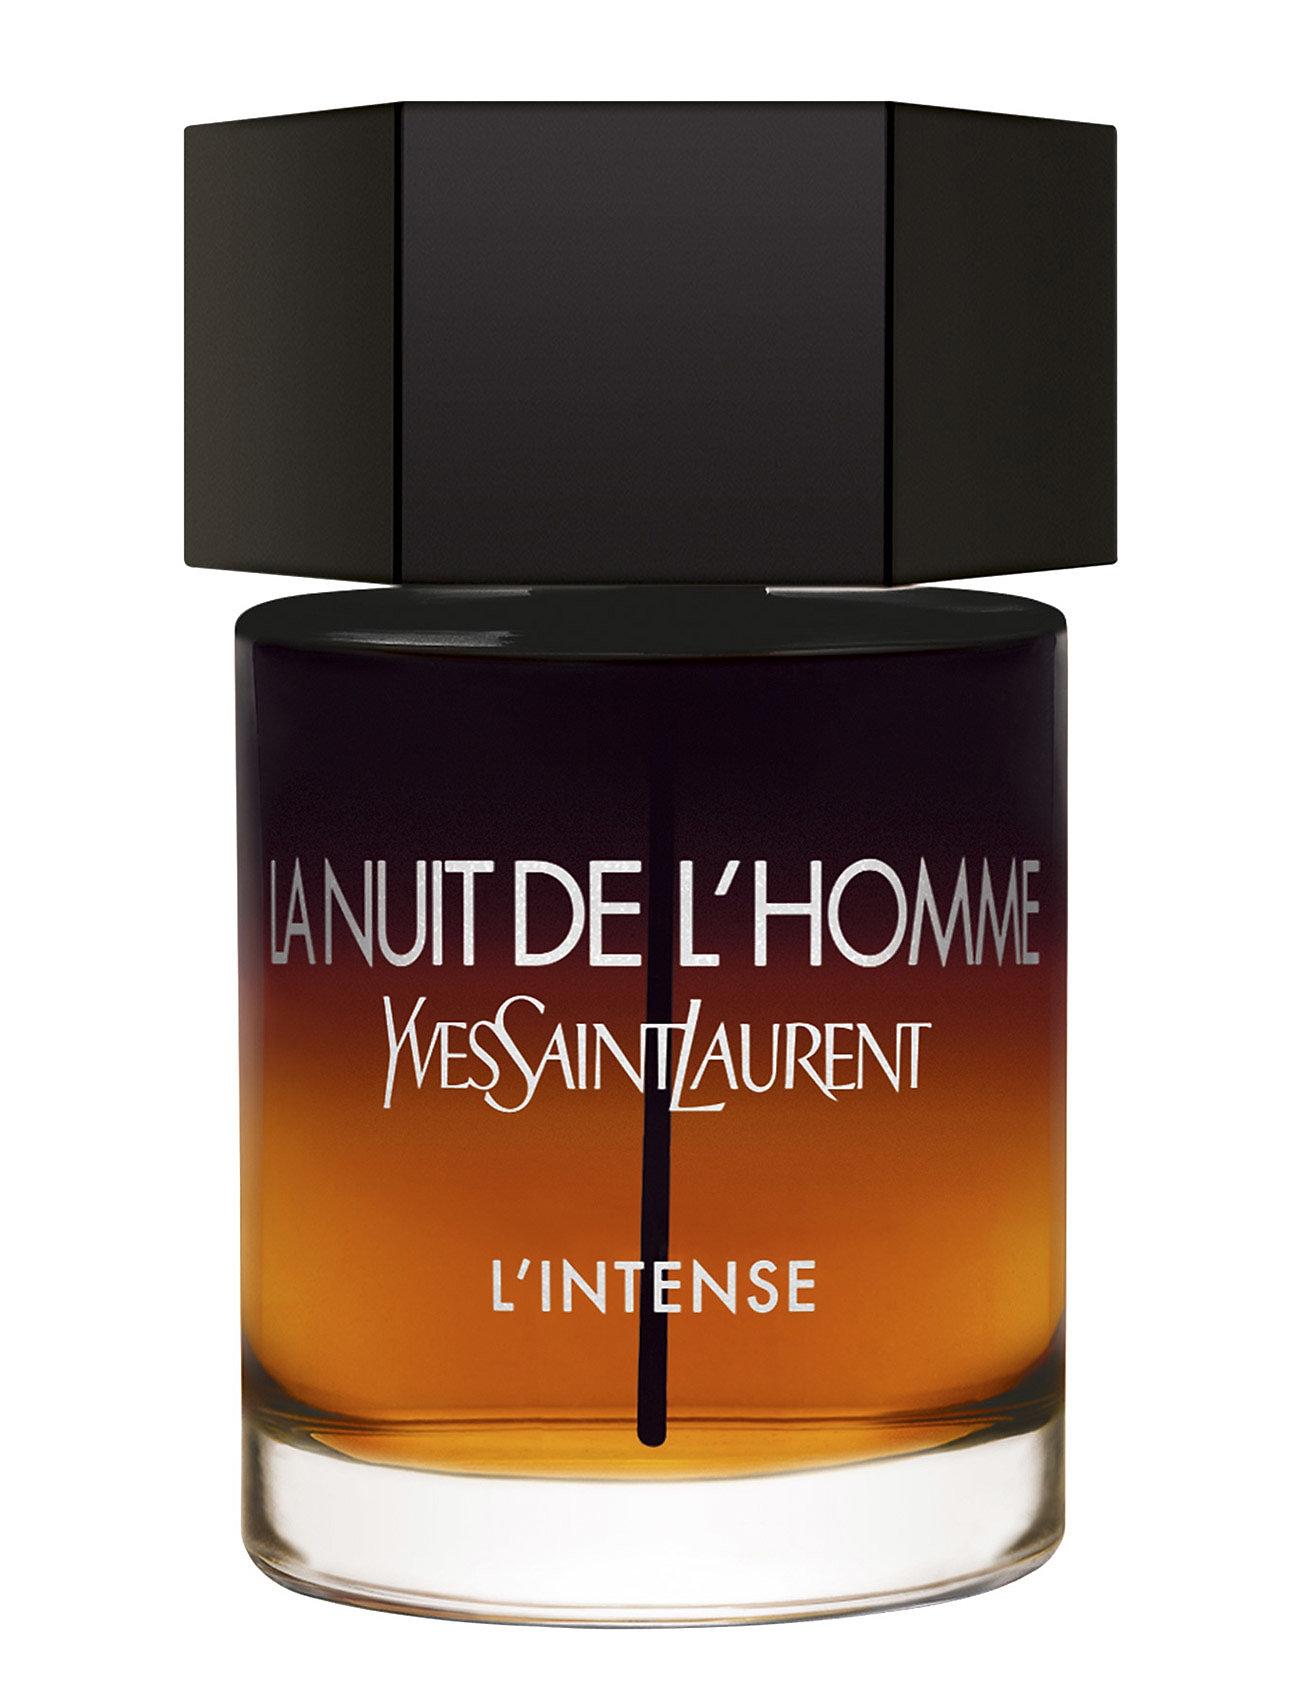 yves saint laurent – La nuit de l'homme le parfum intense 100 ml fra boozt.com dk